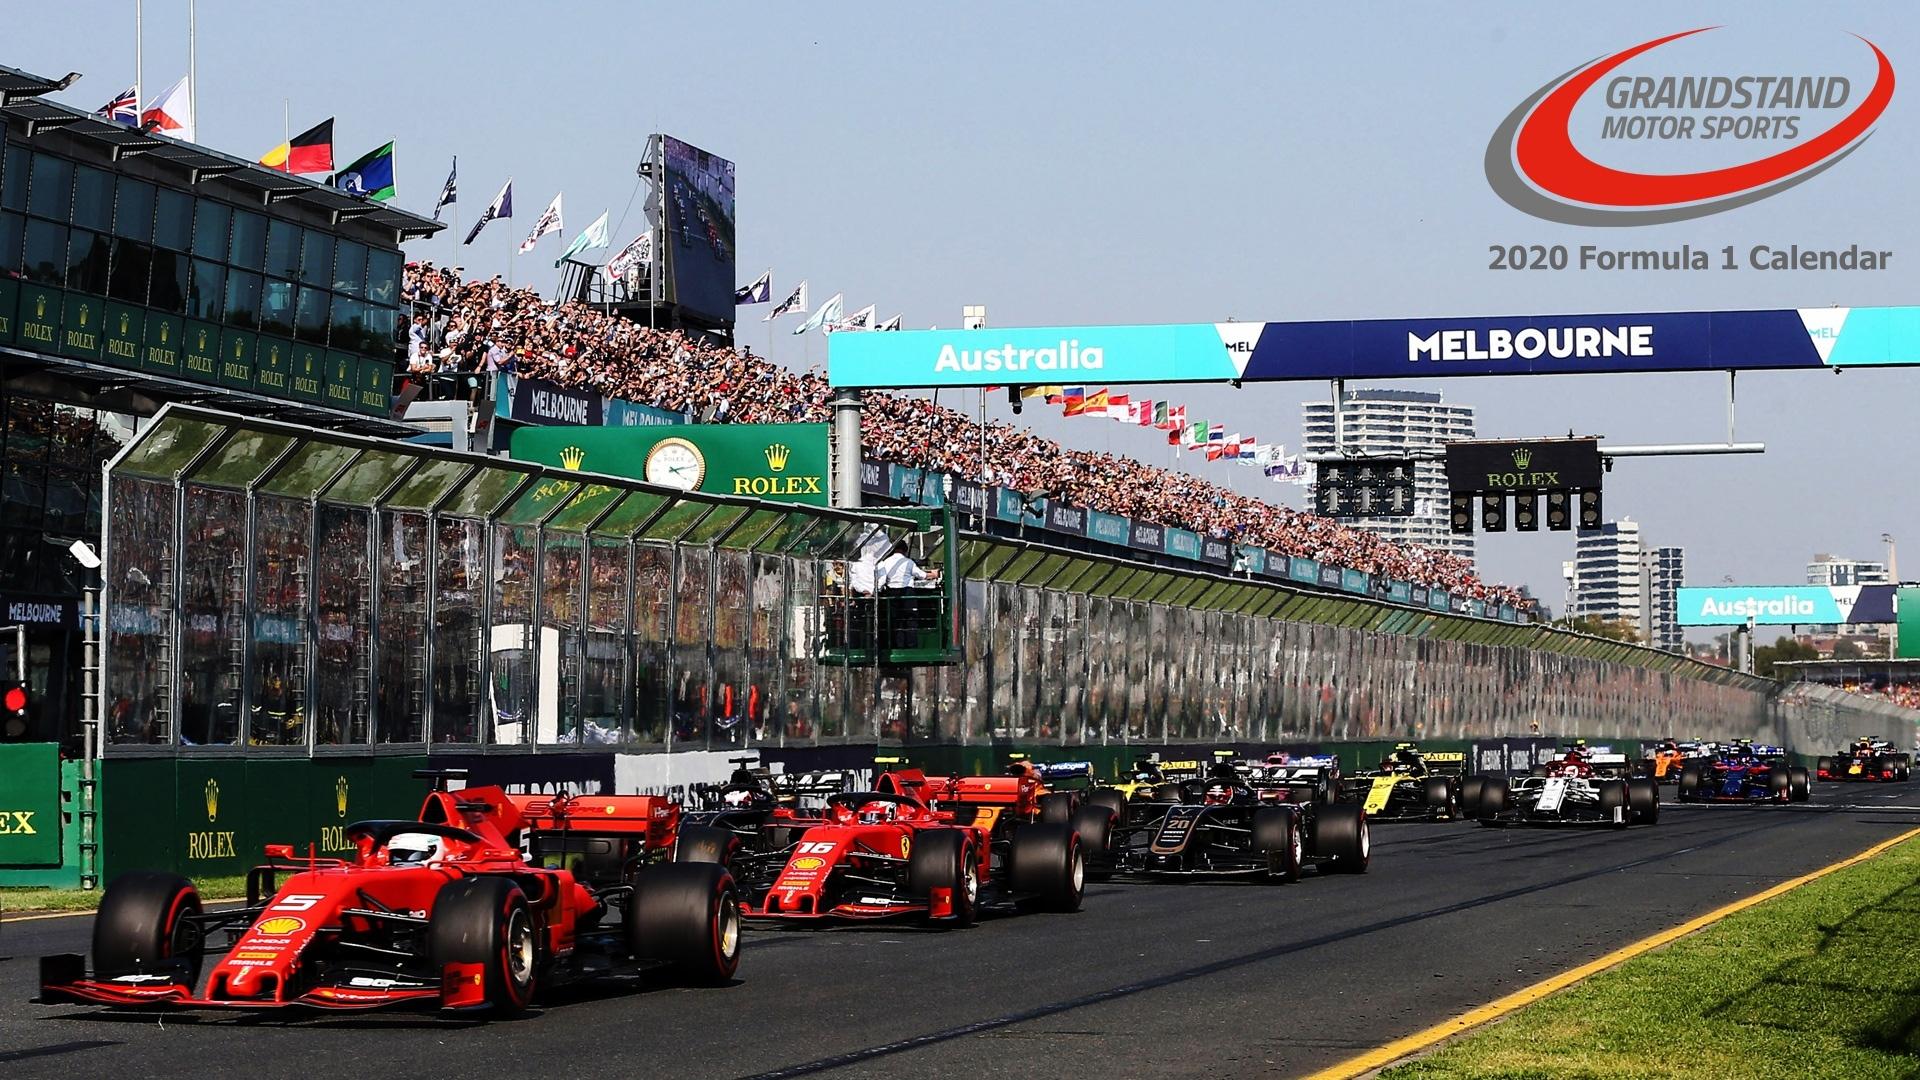 2020 F1 Calendar: Formula 1 Grand Prix Schedule Details Printable 2020 Formula 1 Schedule